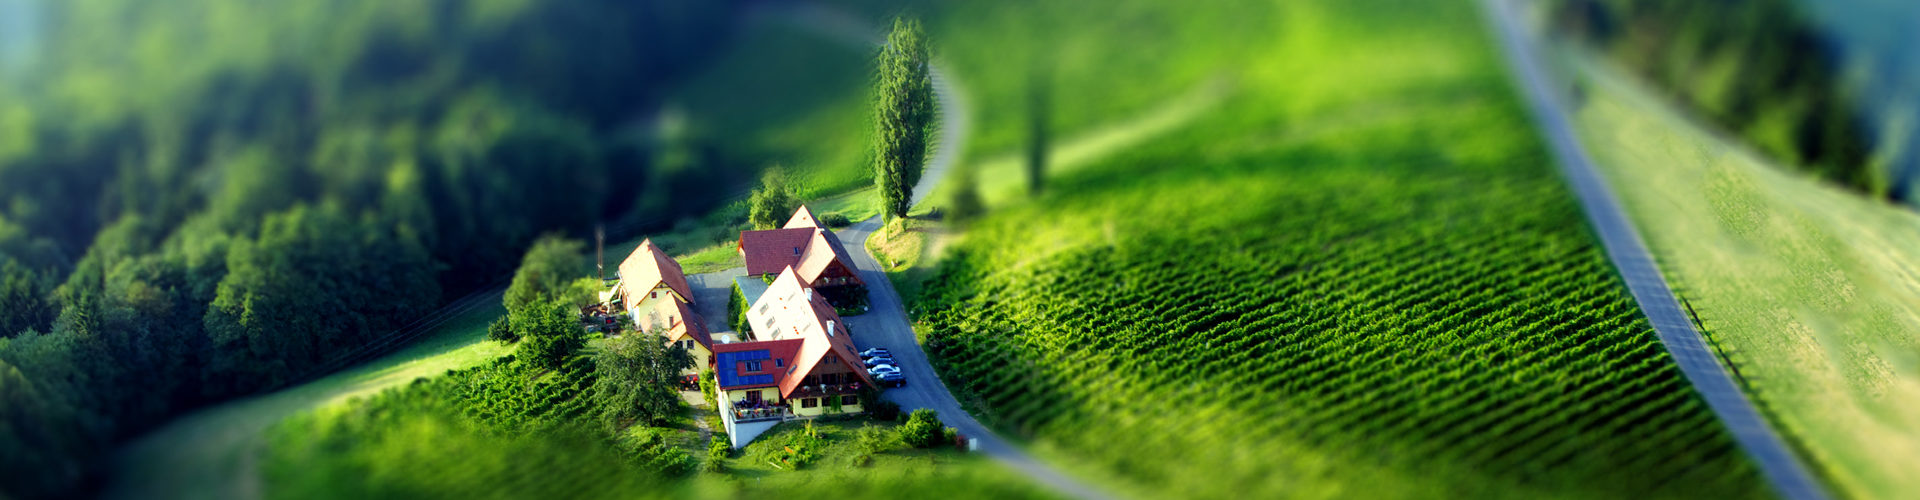 Weingut Winzerzimmer Rothschädl umgeben von Weingärten. Südsteirische Landschaft vom Helicopter aus fotografiert.